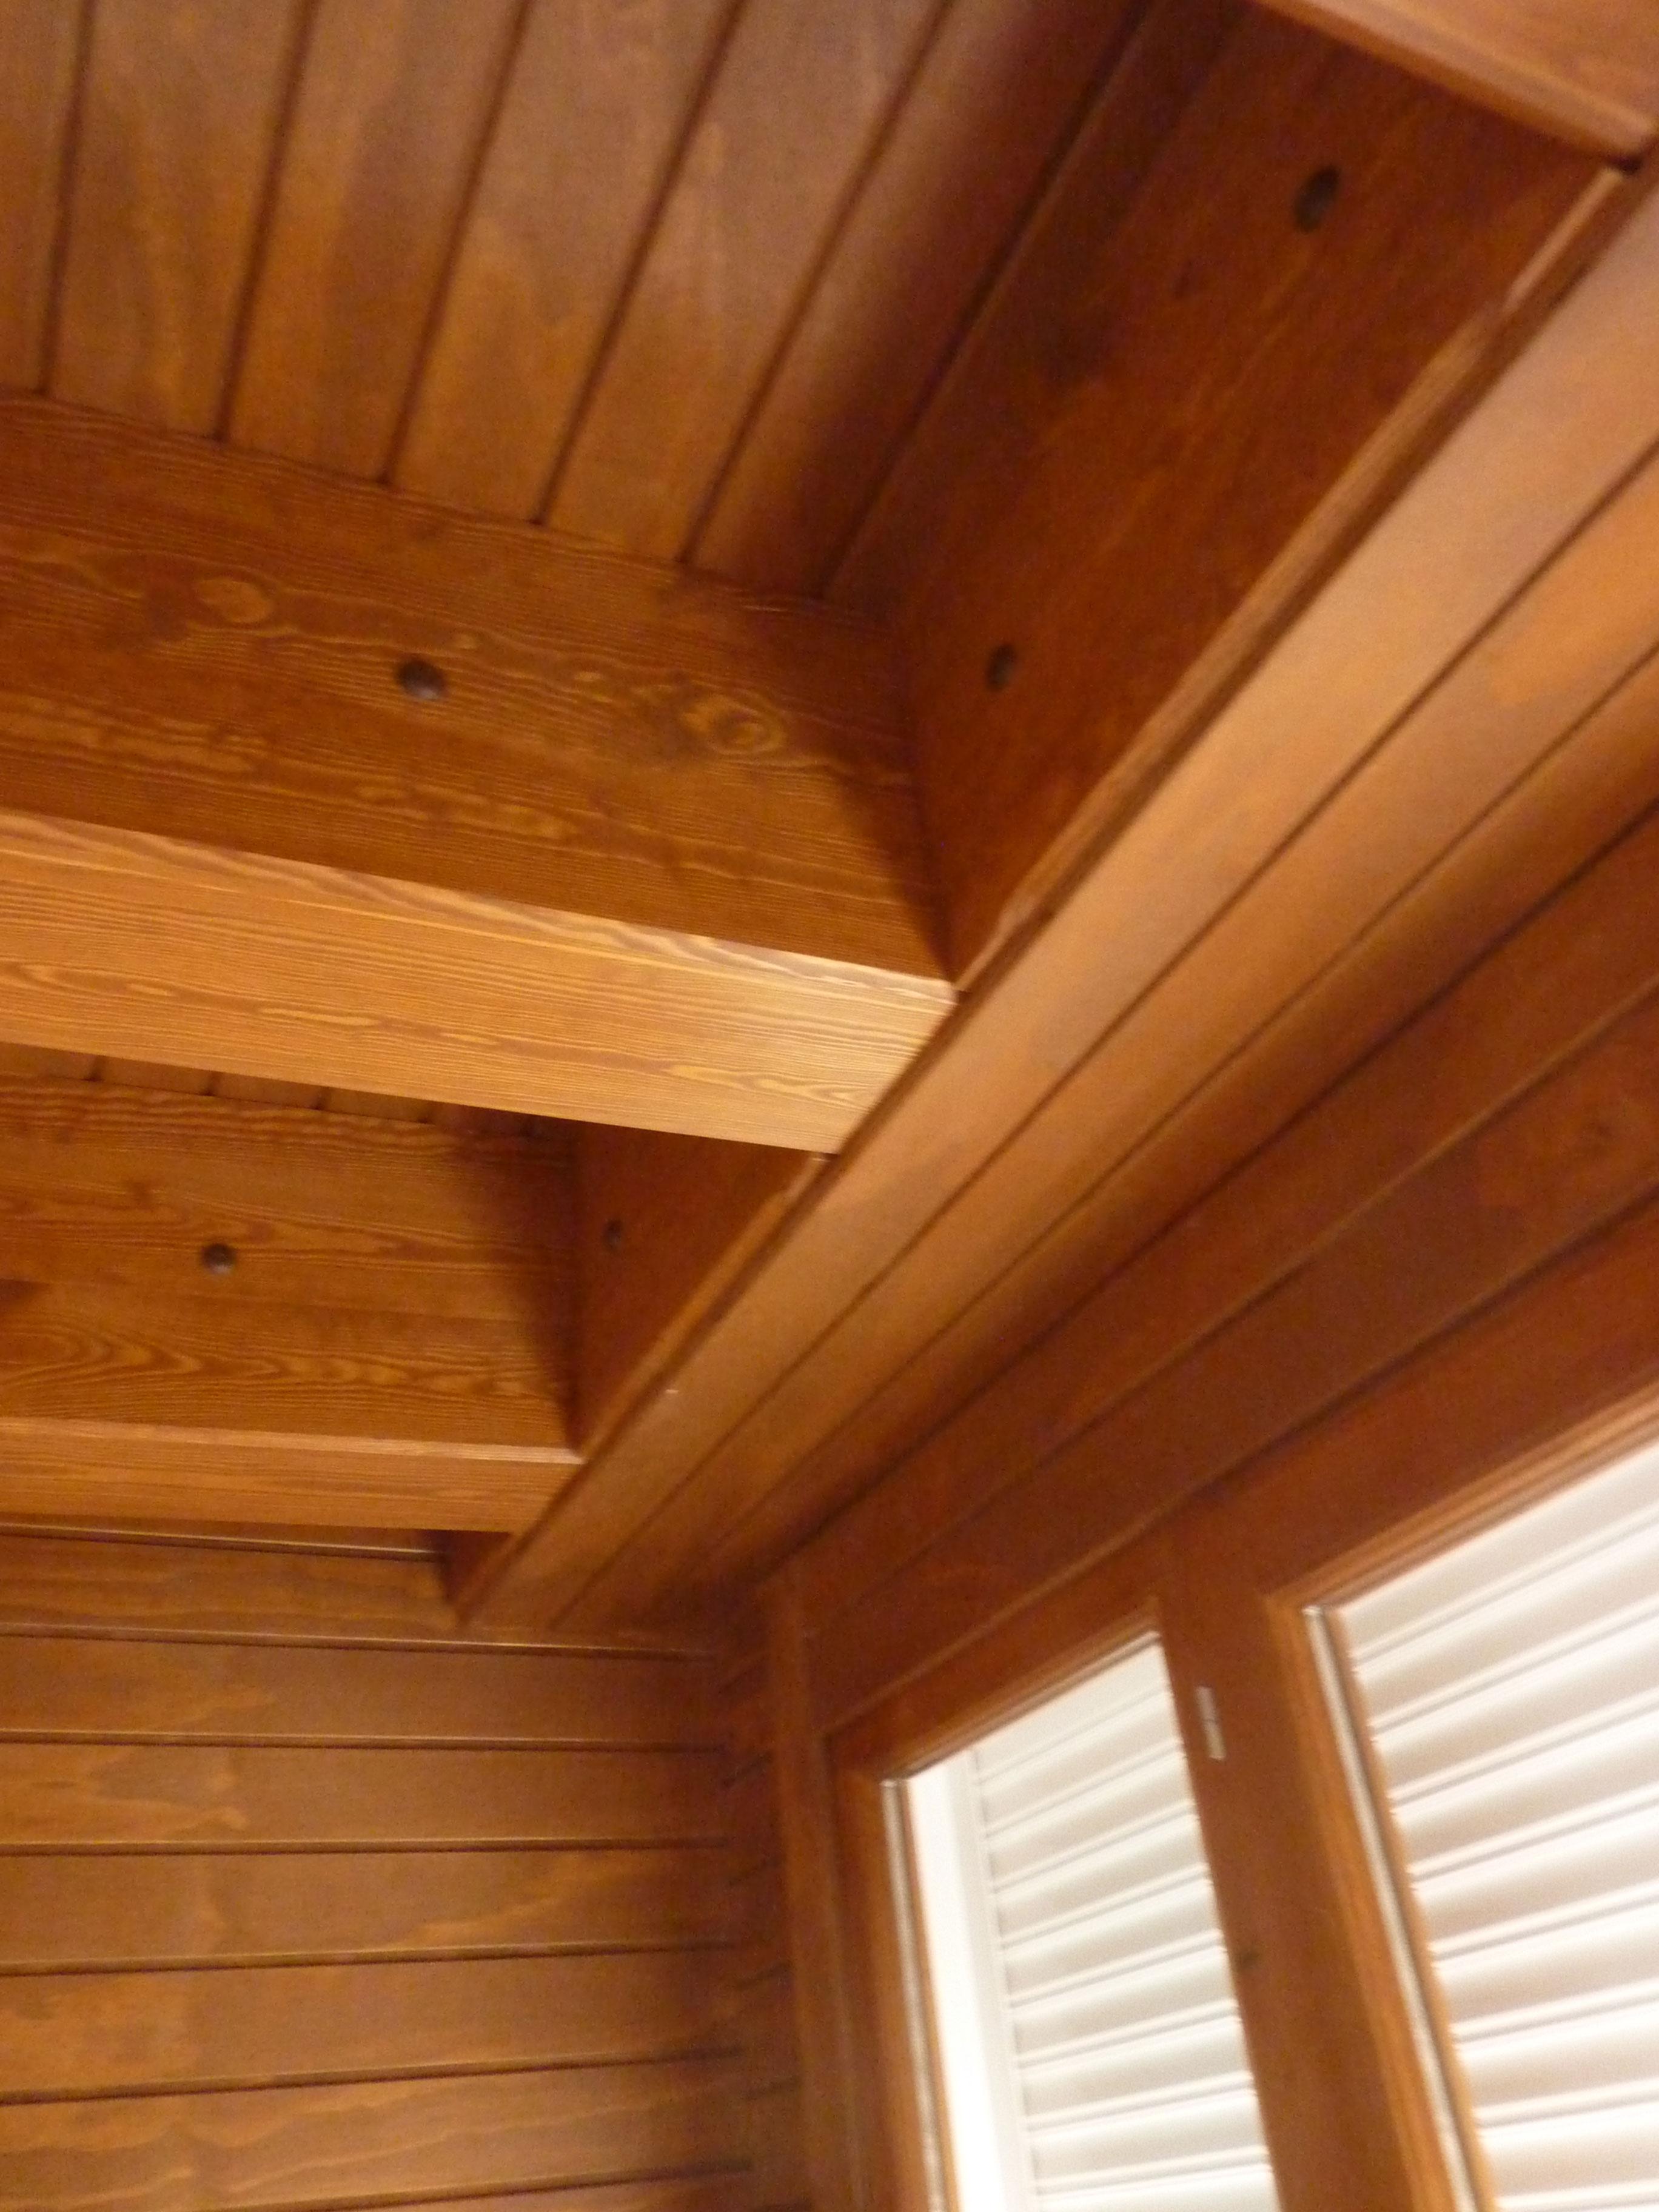 Cerramiento madera terraza atico benoit roubaud - Cerramiento de madera ...